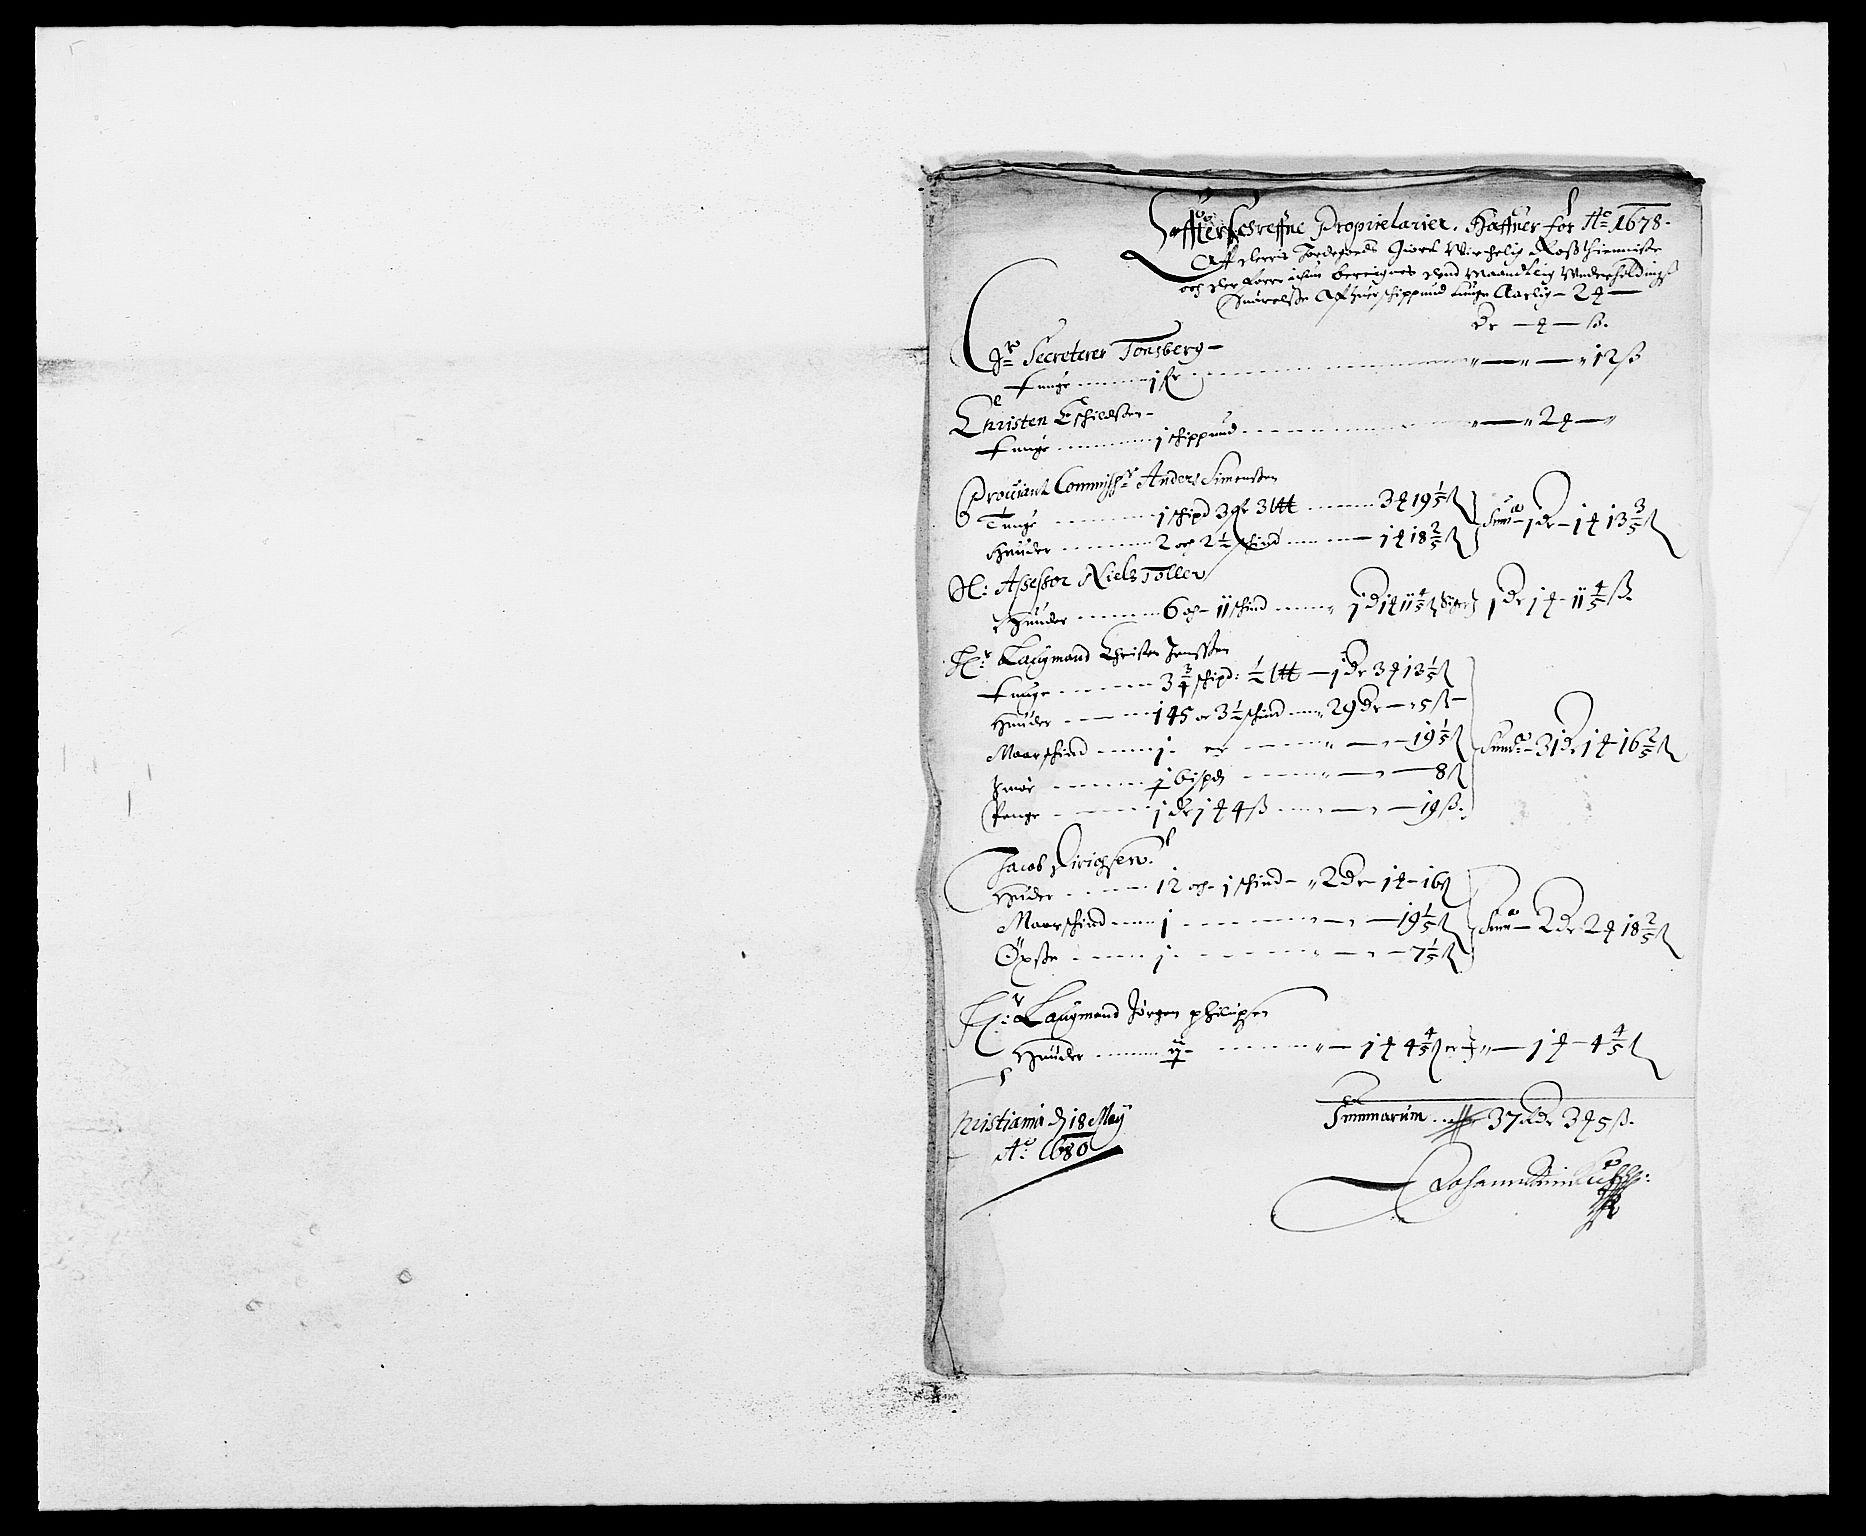 RA, Rentekammeret inntil 1814, Reviderte regnskaper, Fogderegnskap, R13/L0816: Fogderegnskap Solør, Odal og Østerdal, 1679, s. 456